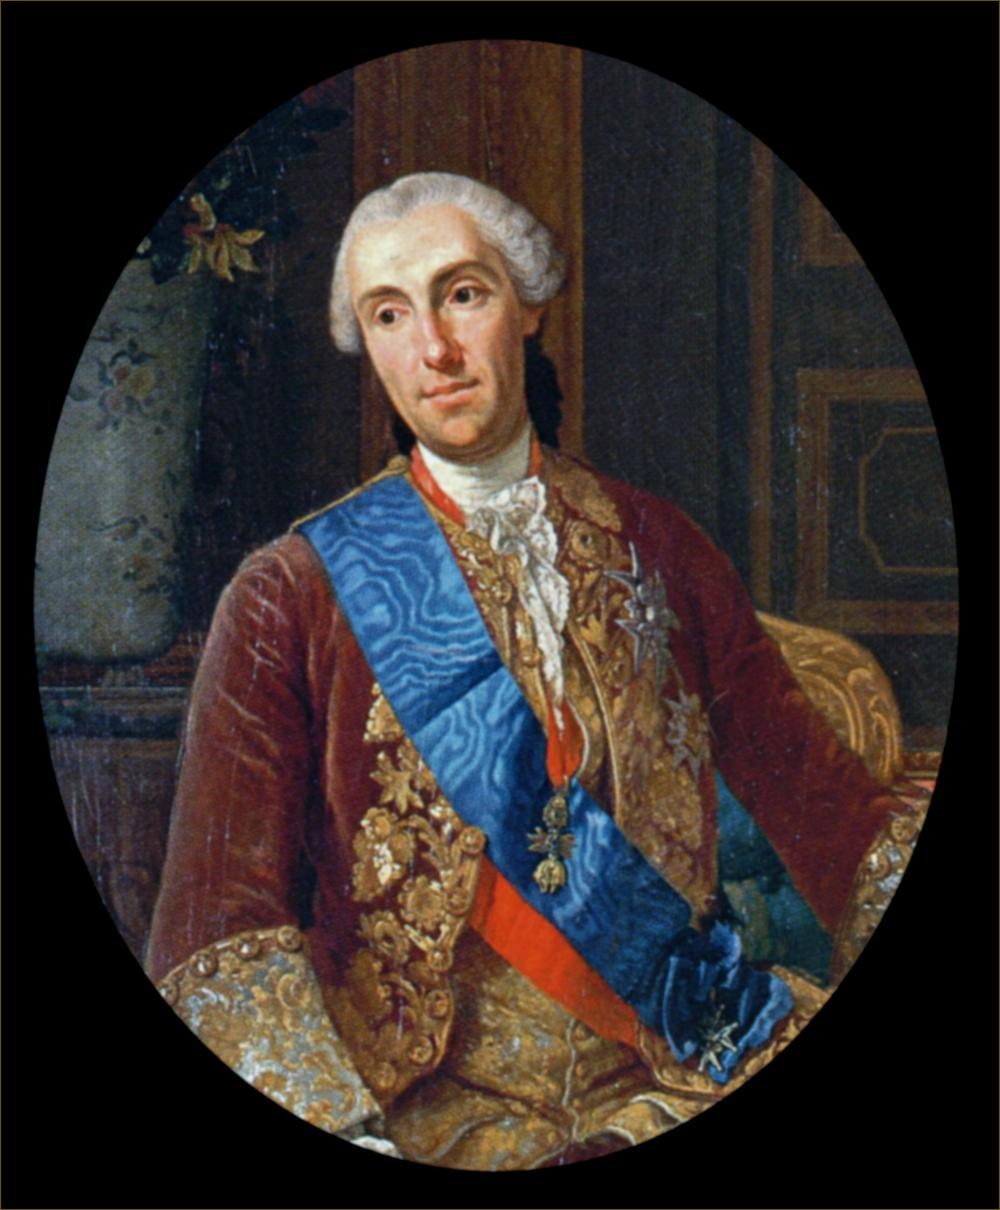 Philippe de Bourbon, infant d'Espagne, duc de Parme, d'après Baldrighi